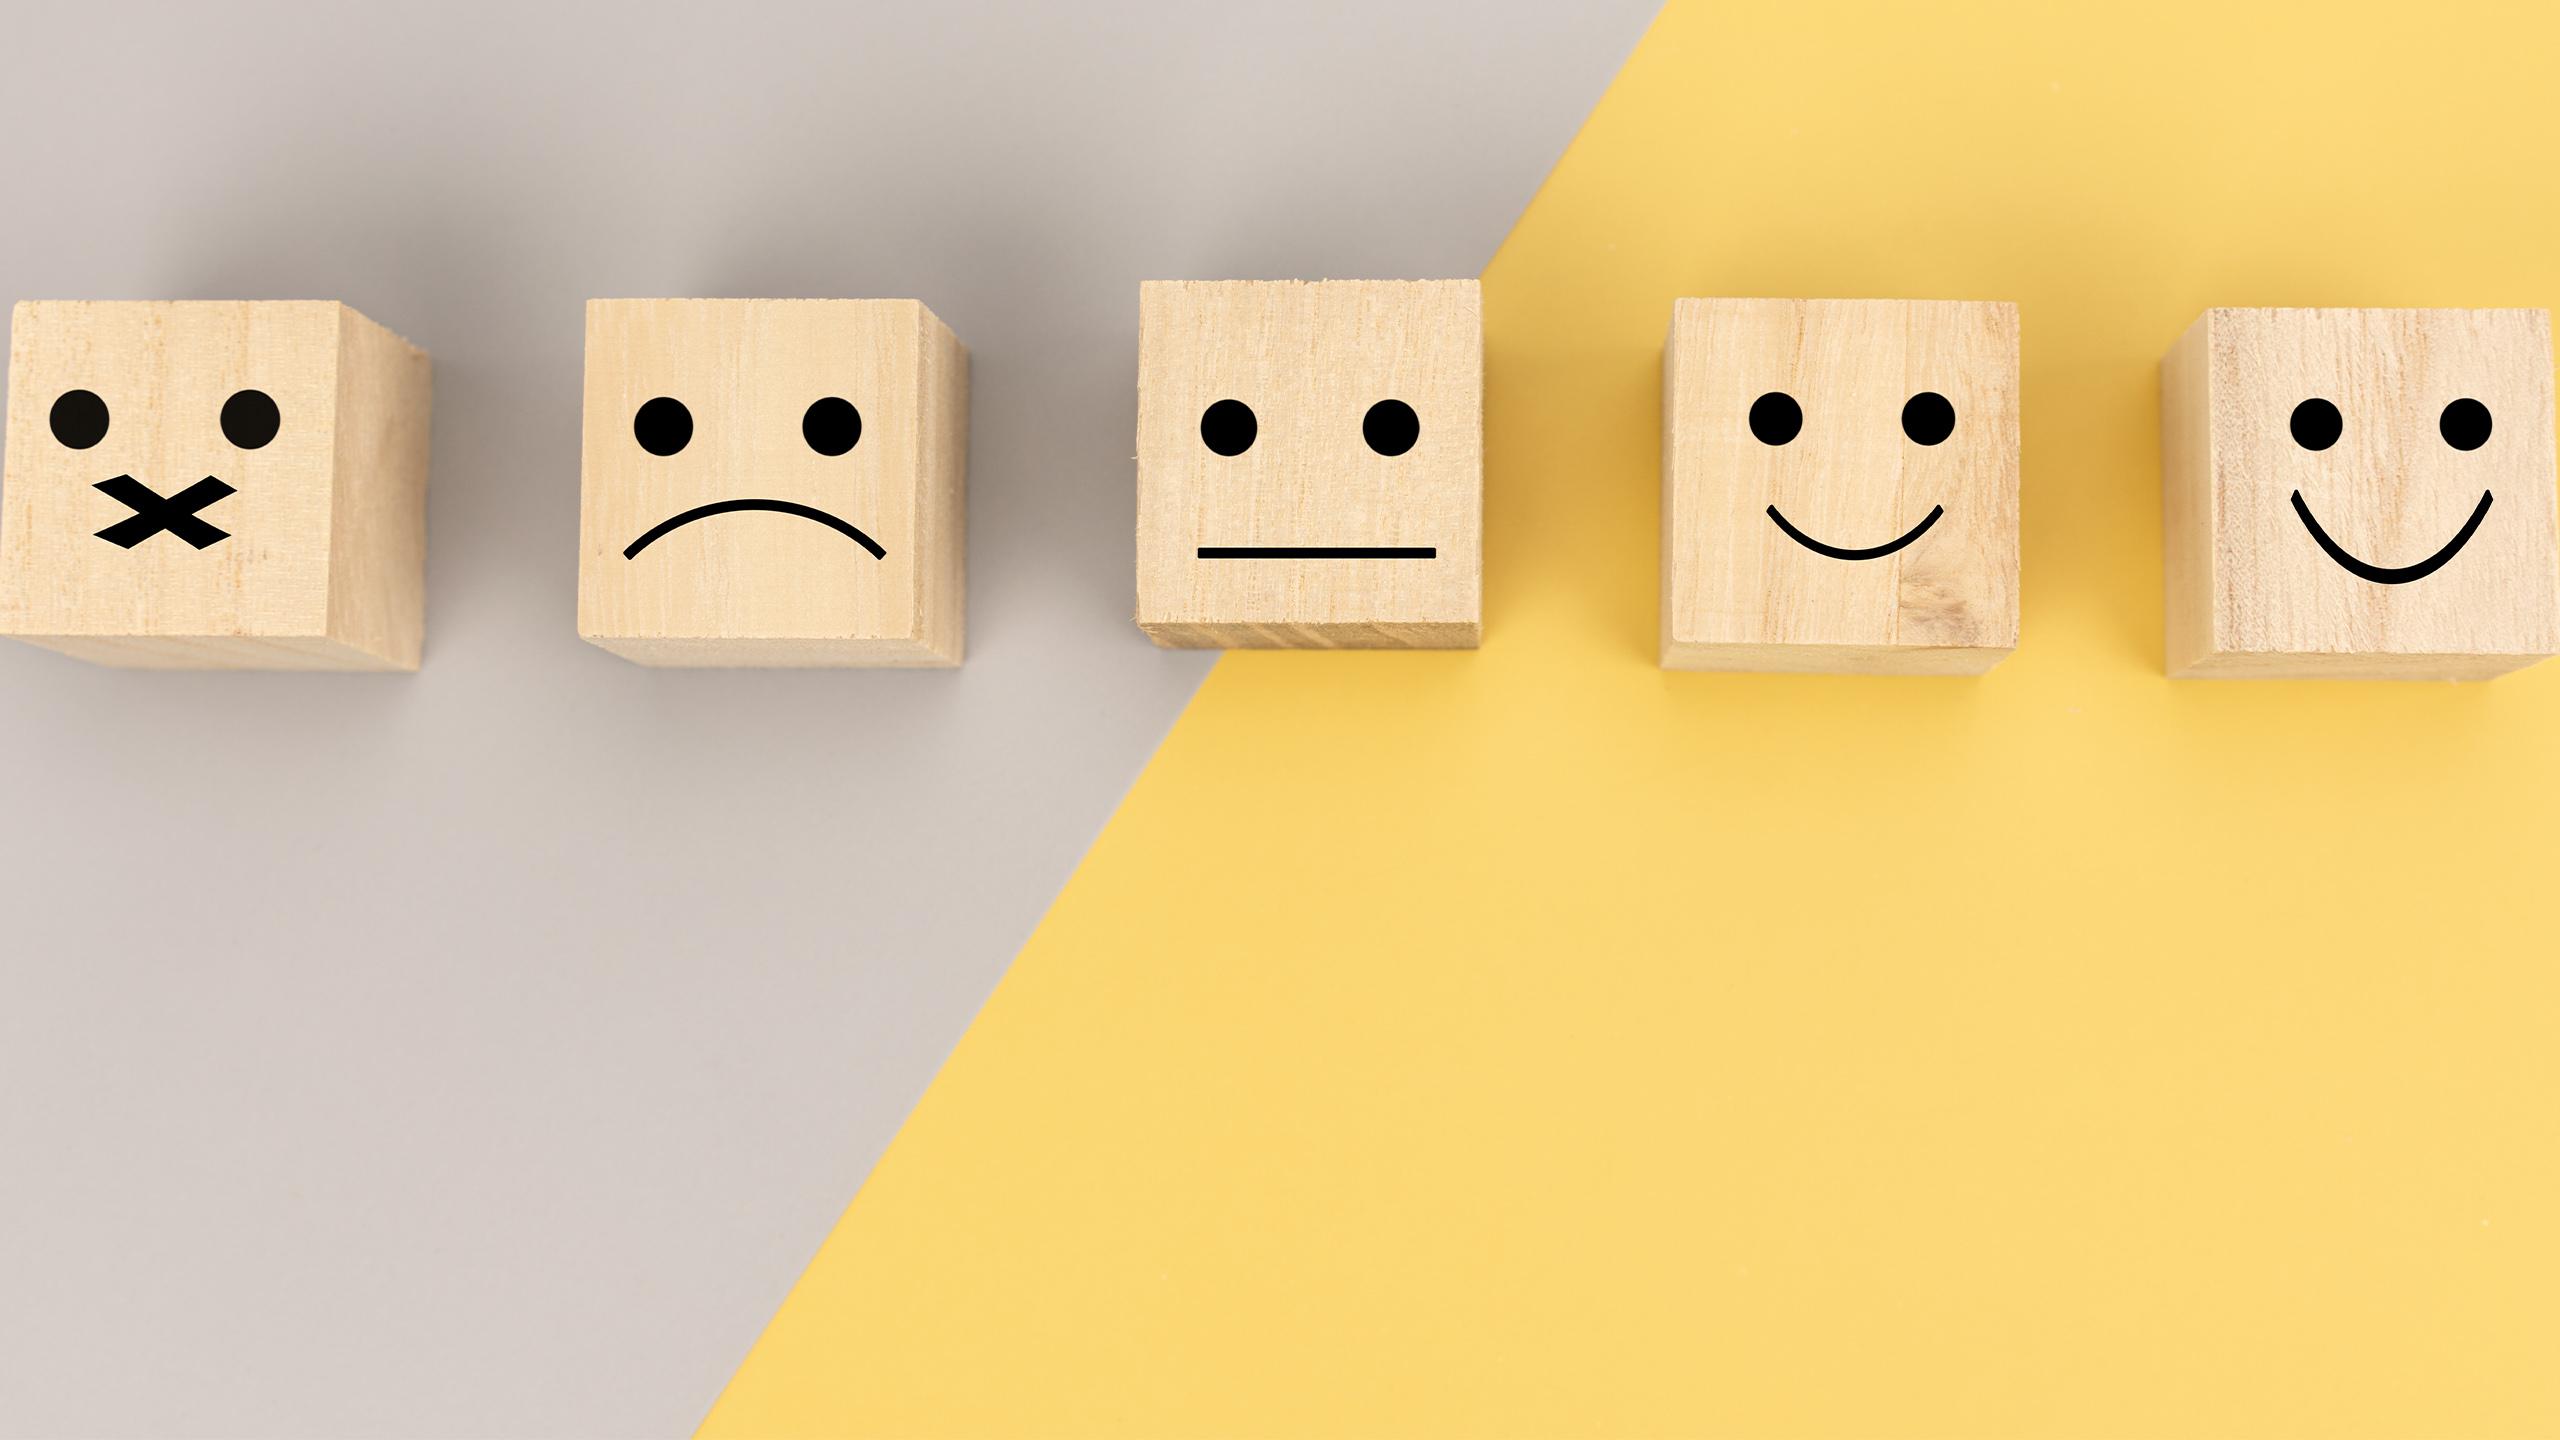 Cómo enfrentar el fracaso